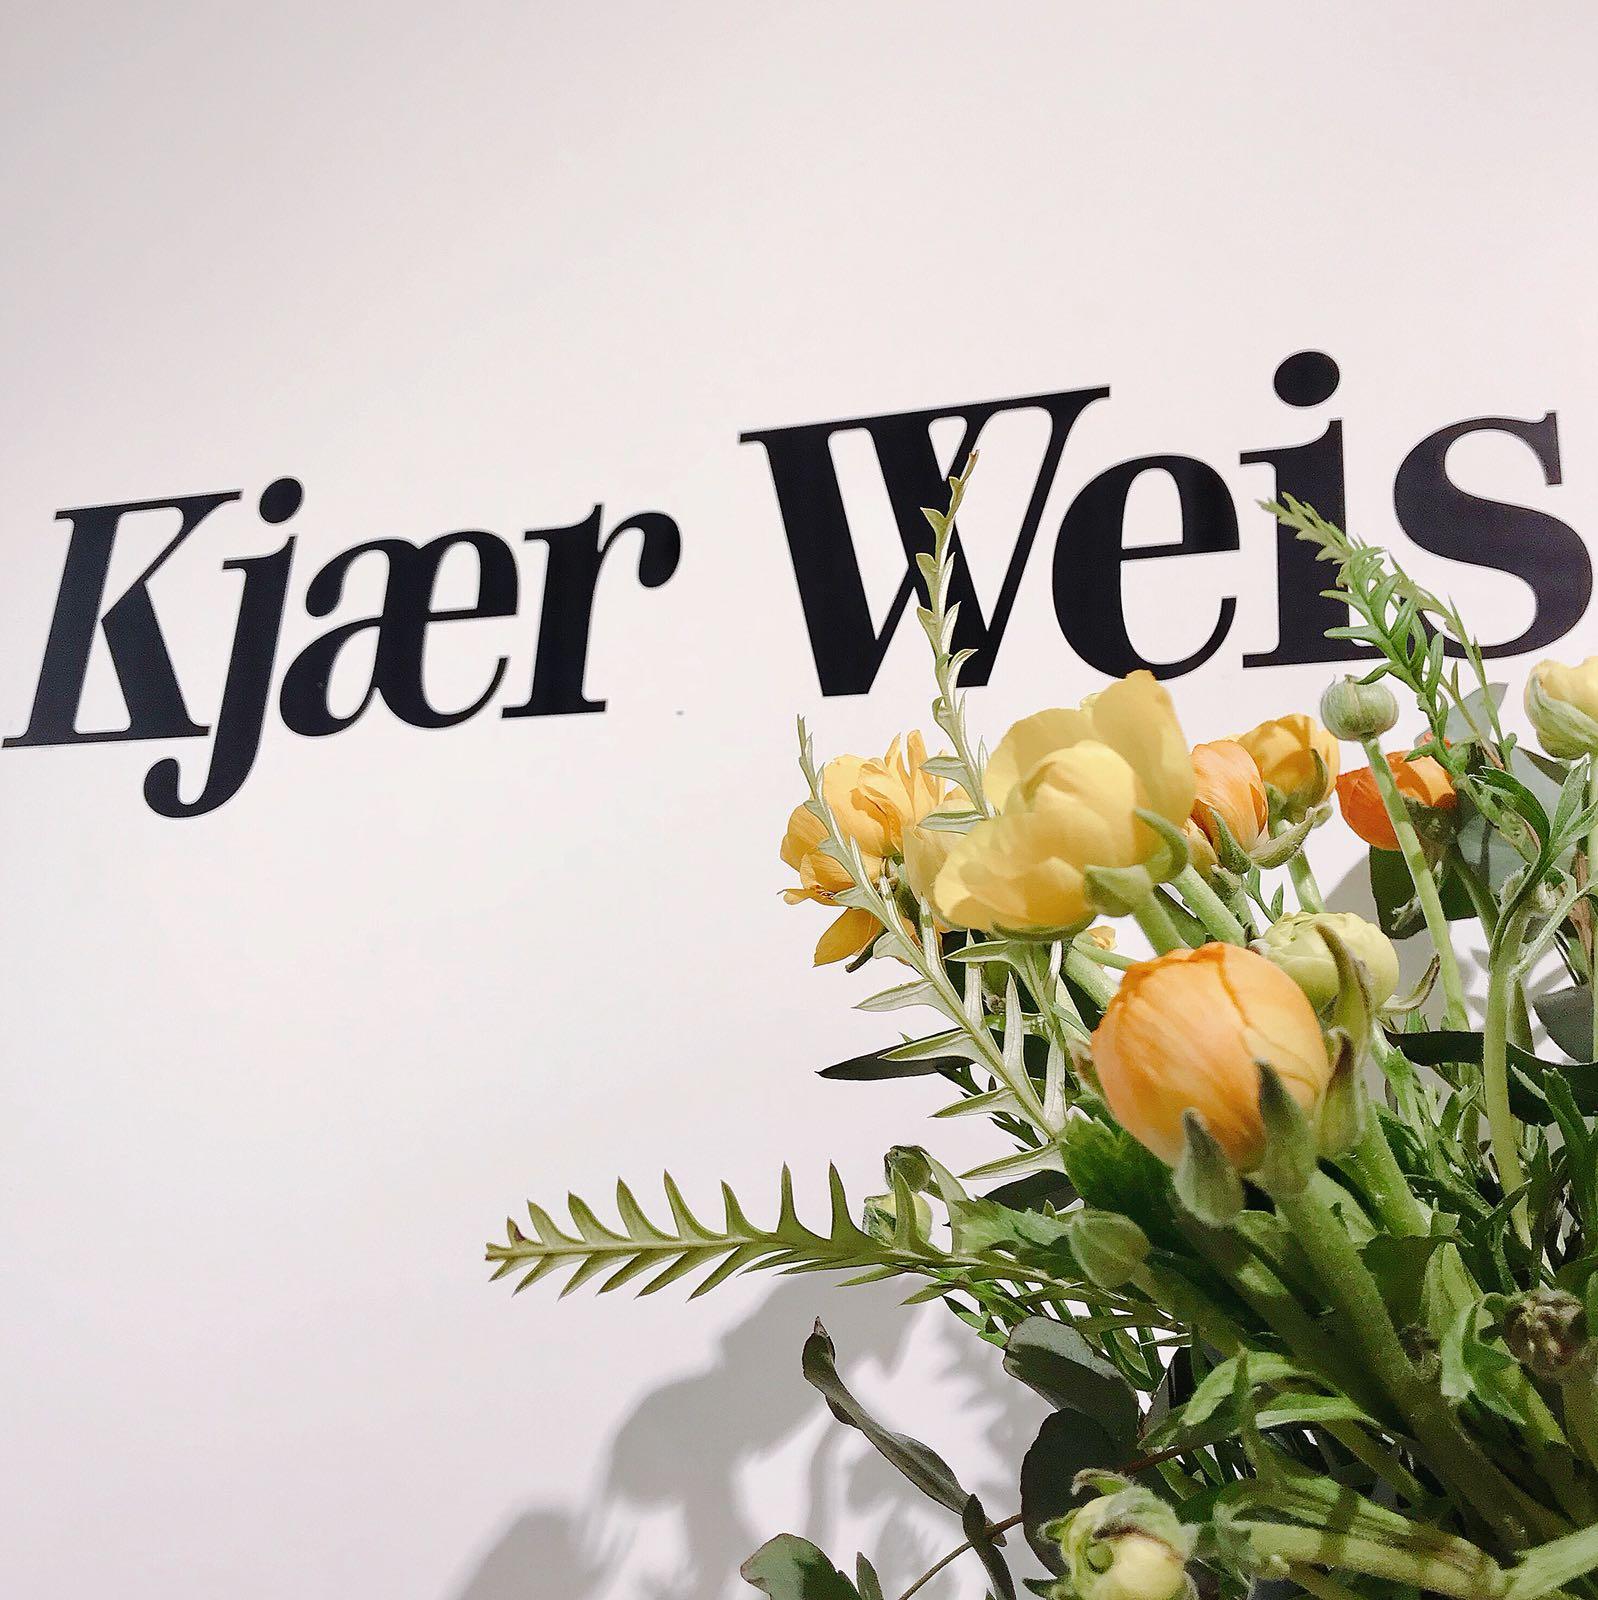 Kjaer Weis logo